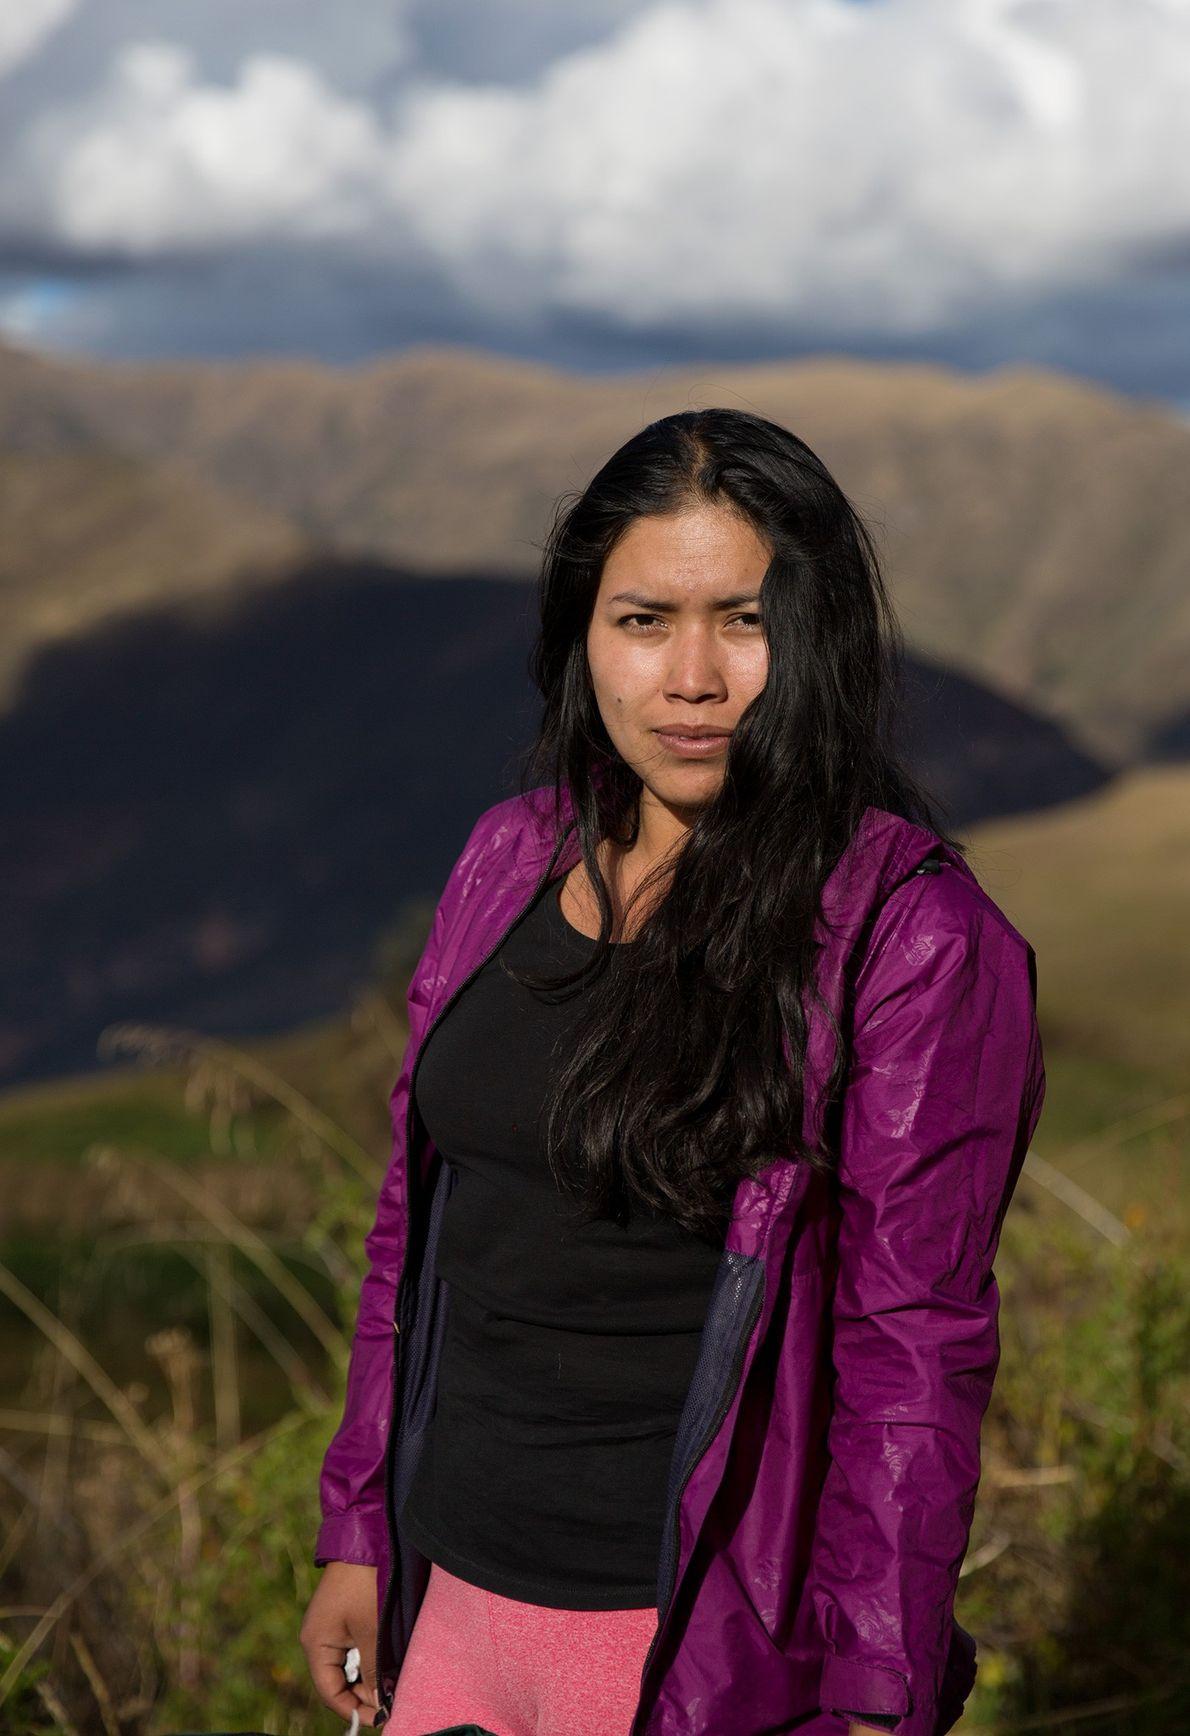 Sara Qqehuarahucho Zamalloa, de 24 años, es porteadora y guía en formación. A pesar de haberse ...